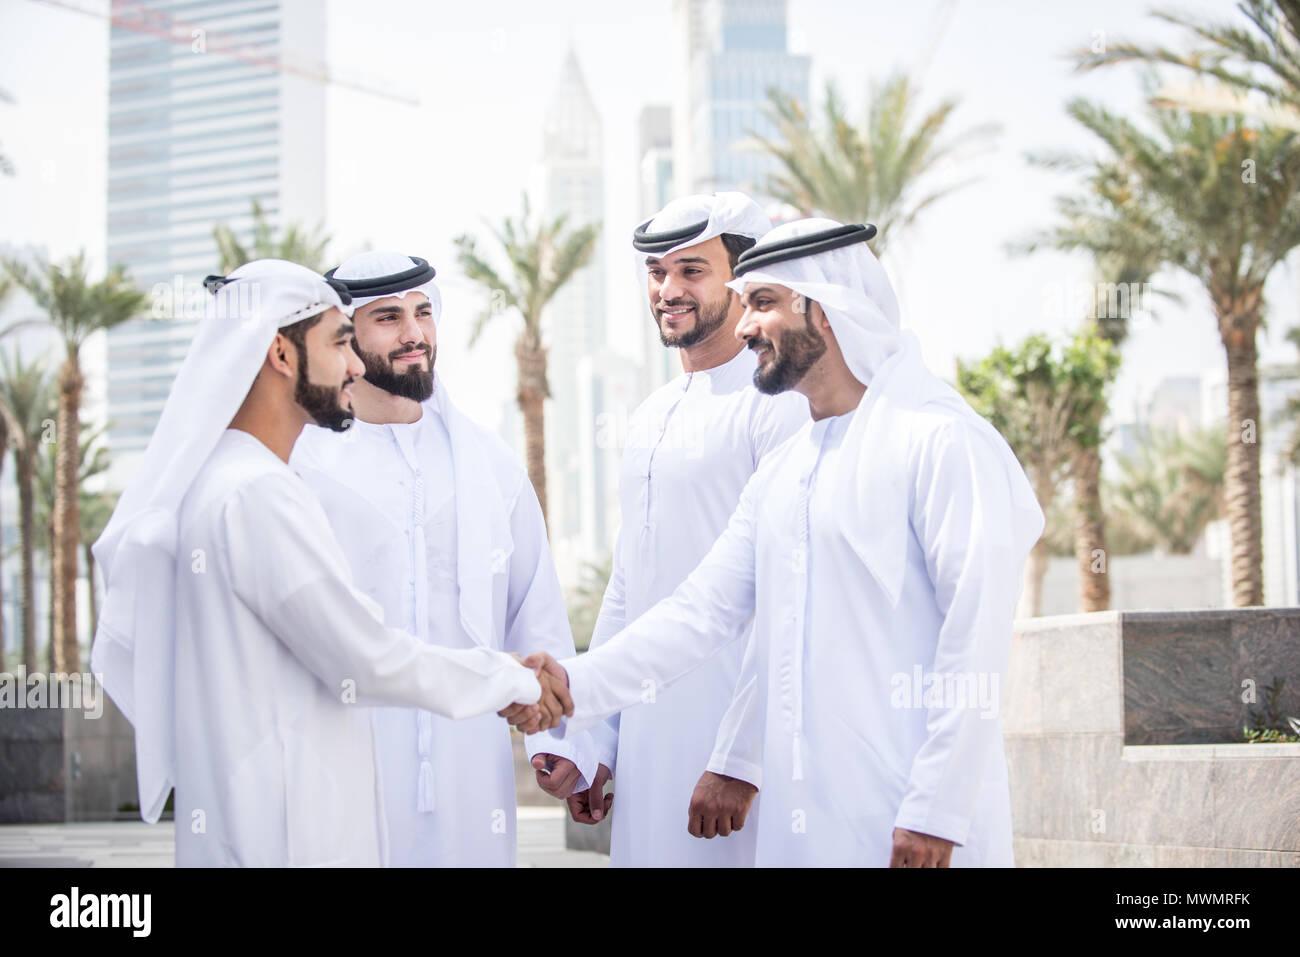 Arabische männer treffen [PUNIQRANDLINE-(au-dating-names.txt) 30